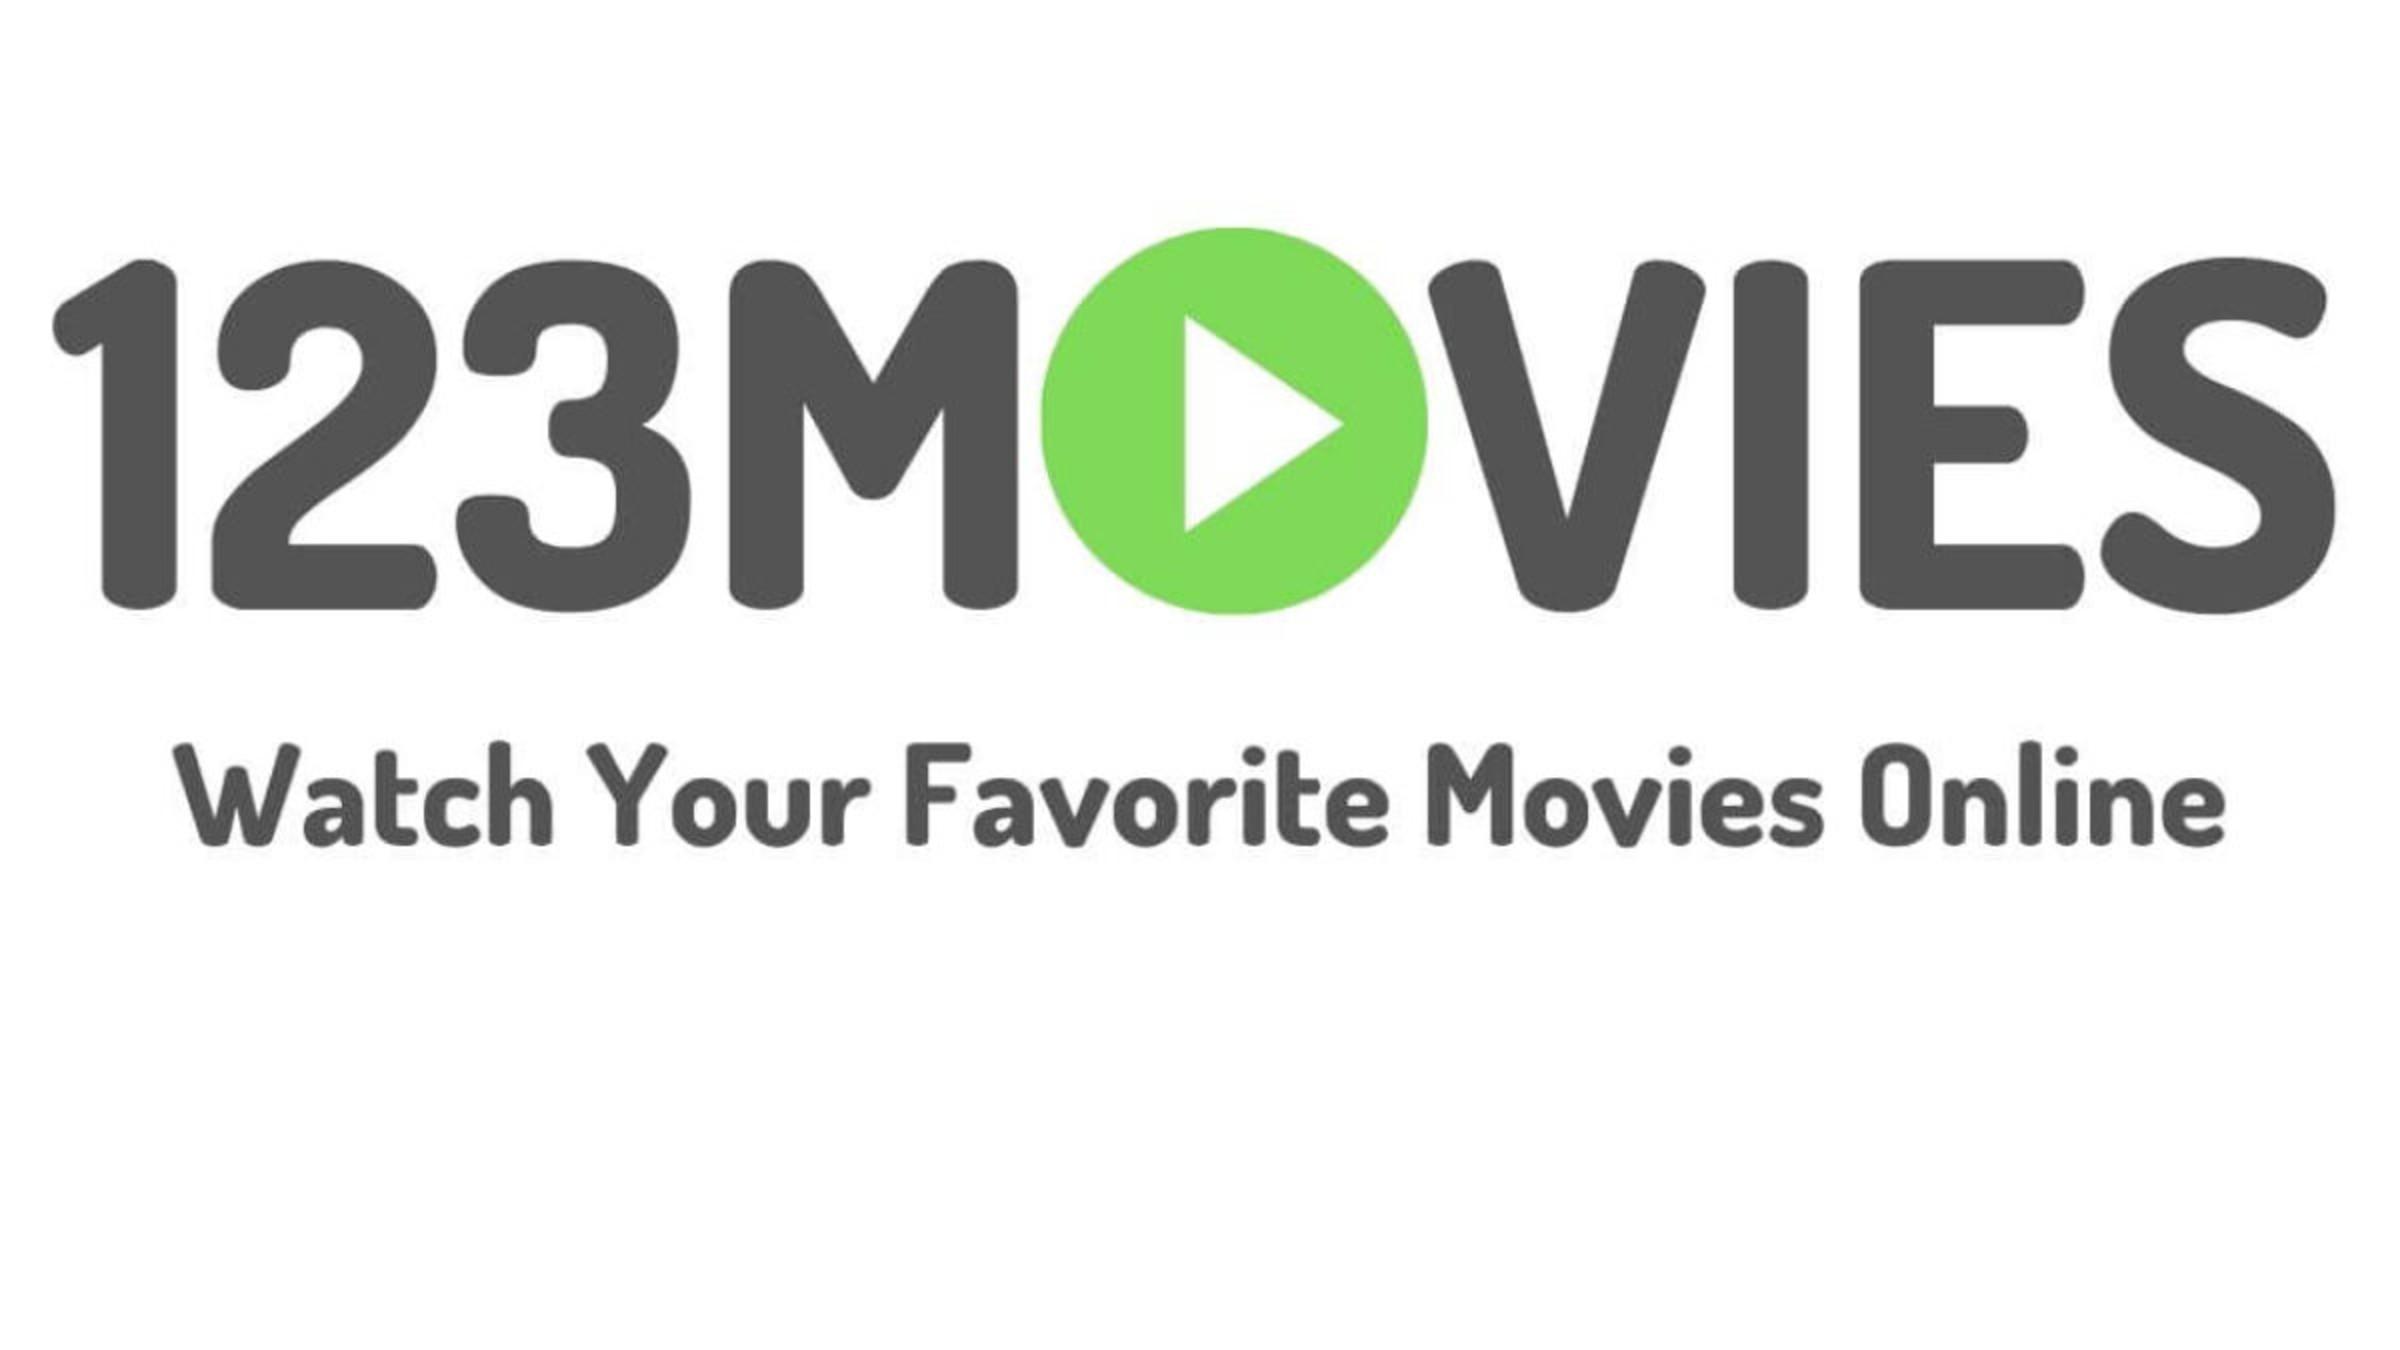 History Based On 123 Movie Website